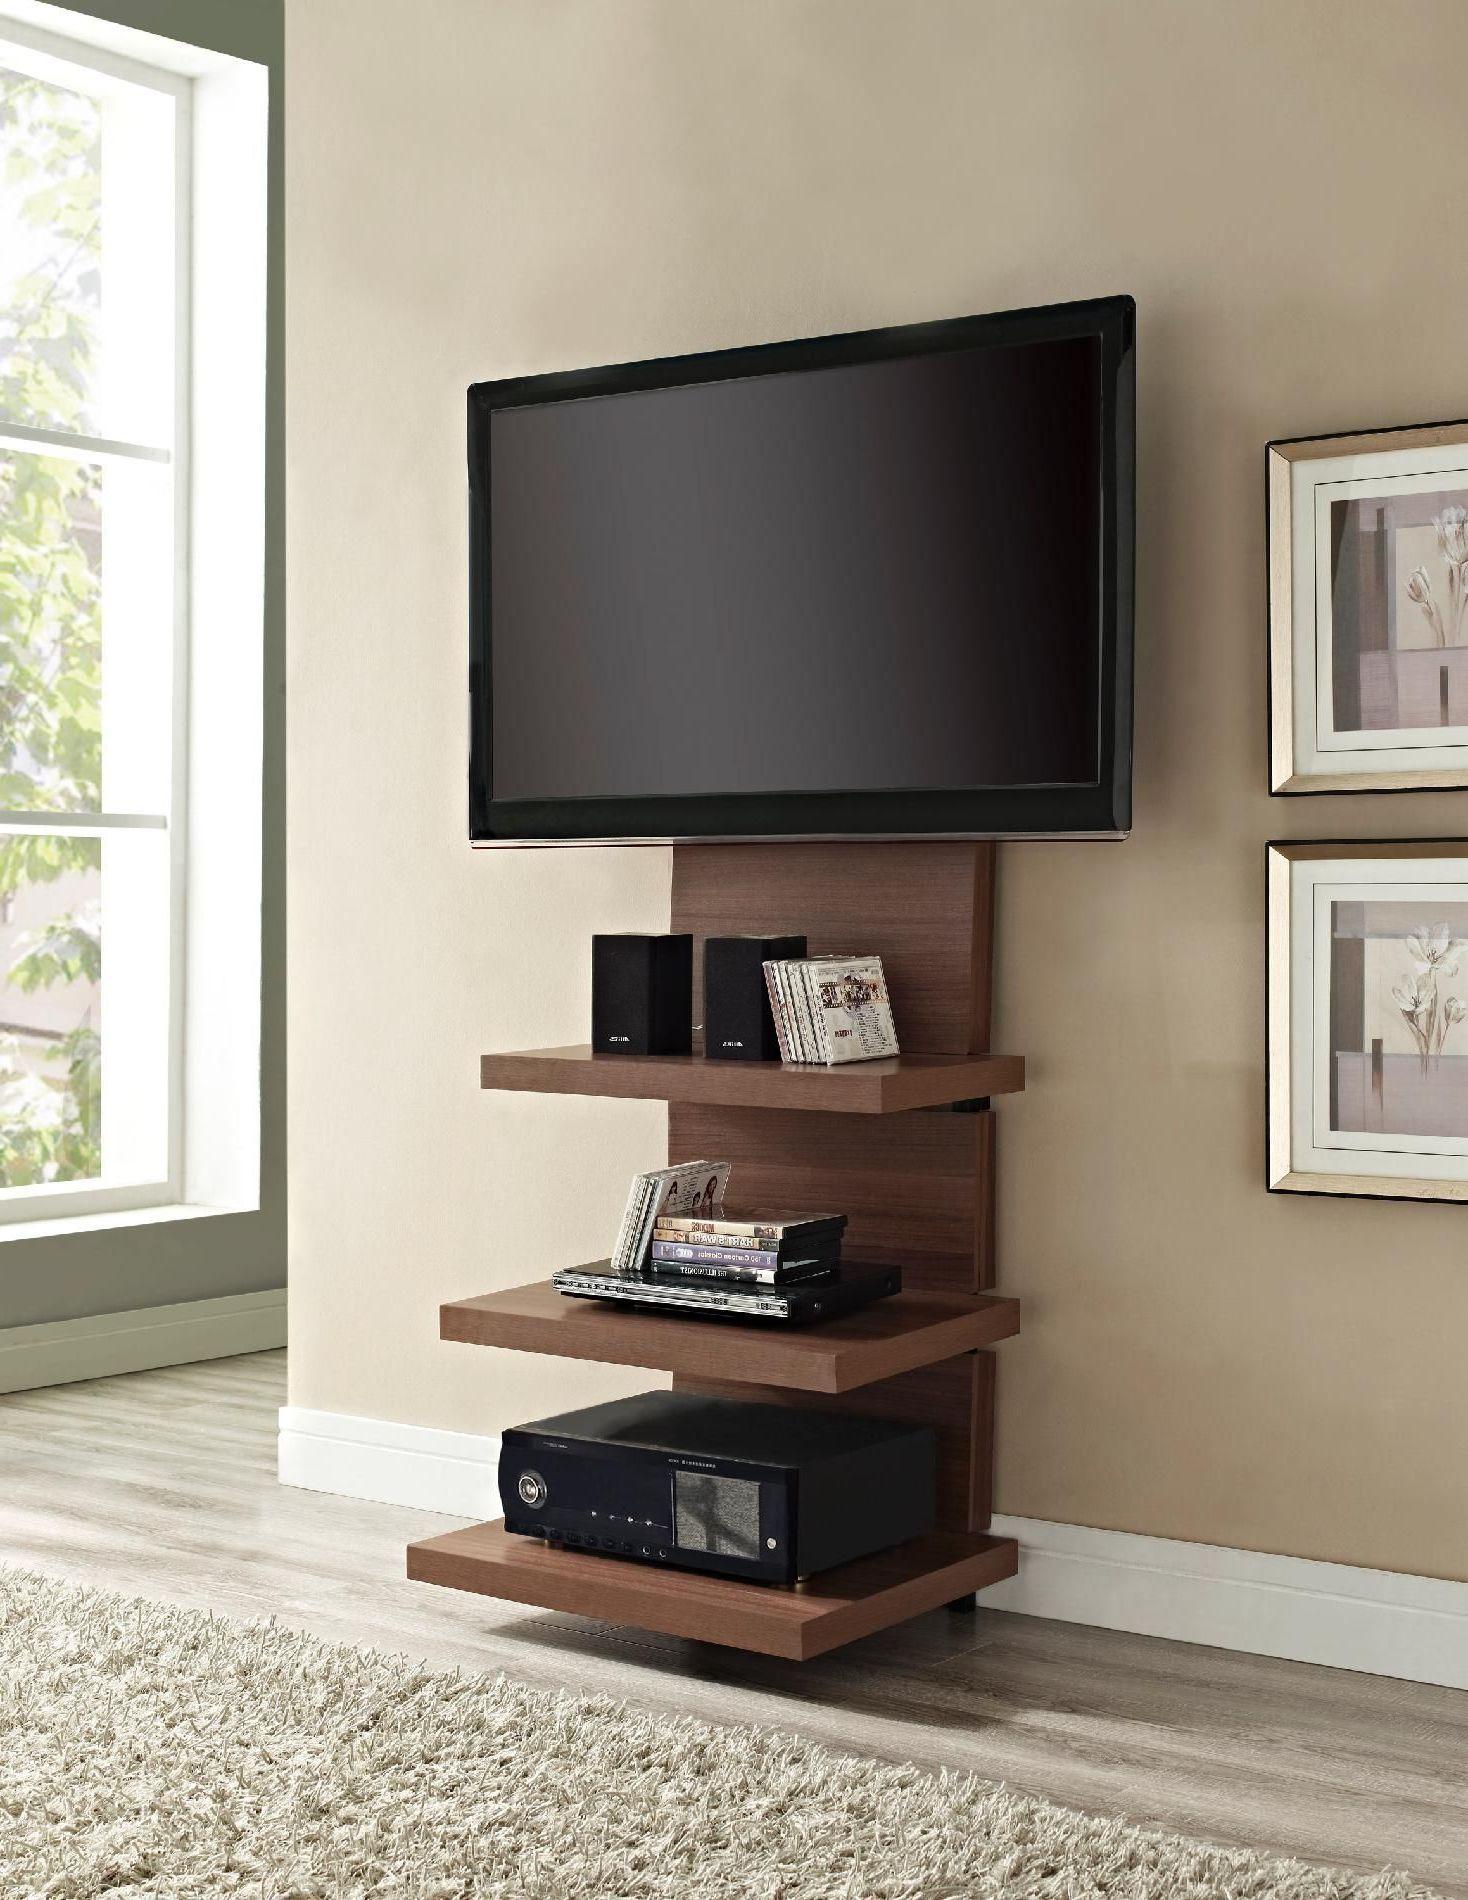 Praktischen TV Ständer aus Holz